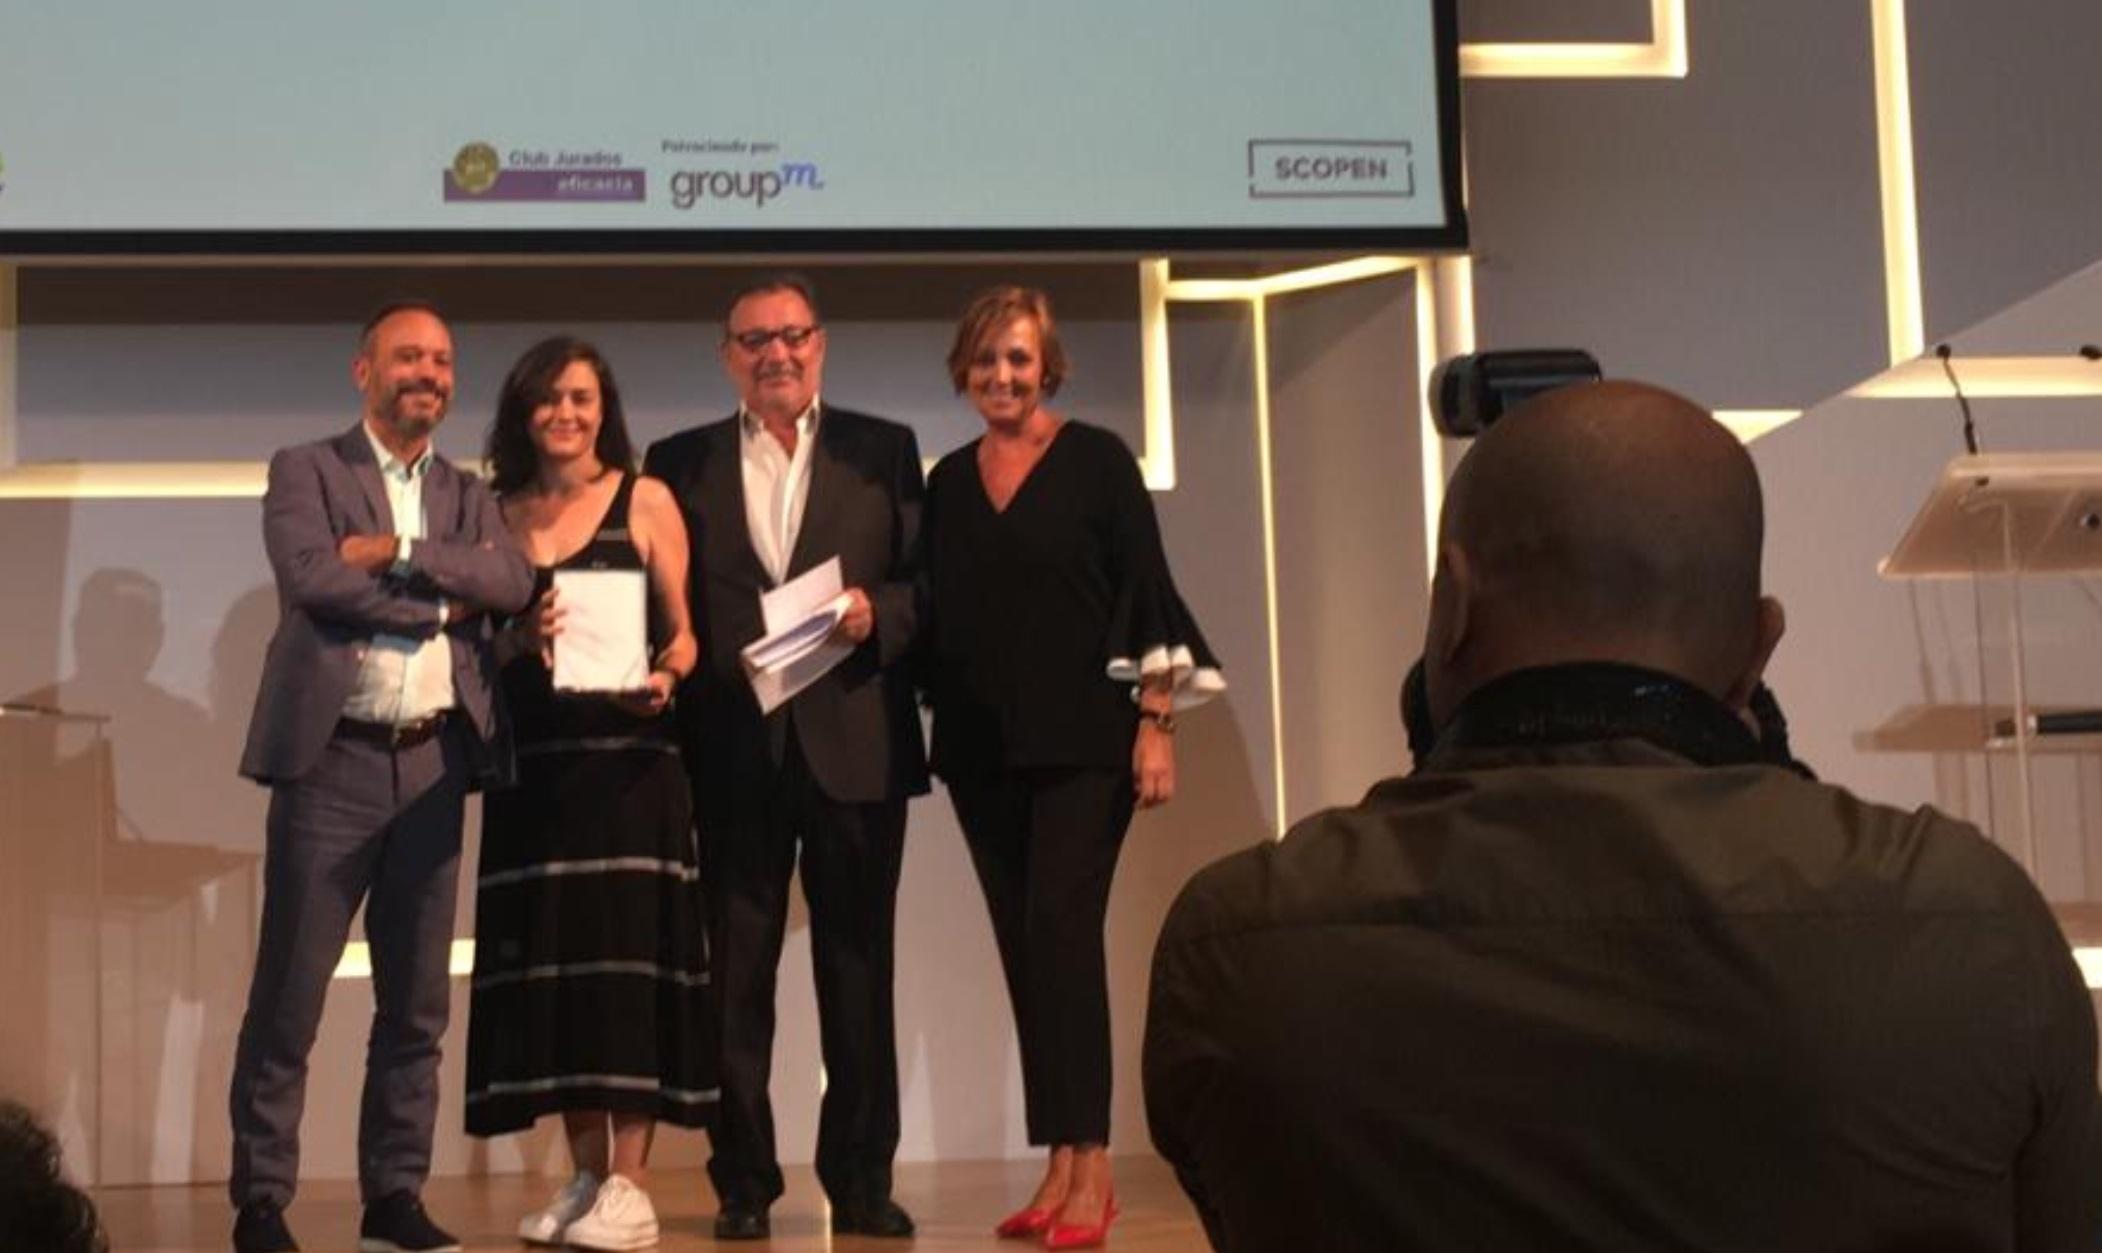 https://www.programapublicidad.com/wp-content/uploads/2019/09/Premio-juradoseficacia-trayectoria-sub-41-Xisela-López-Sra.-Rushmore-programapublicidad-muy-grande.jpg